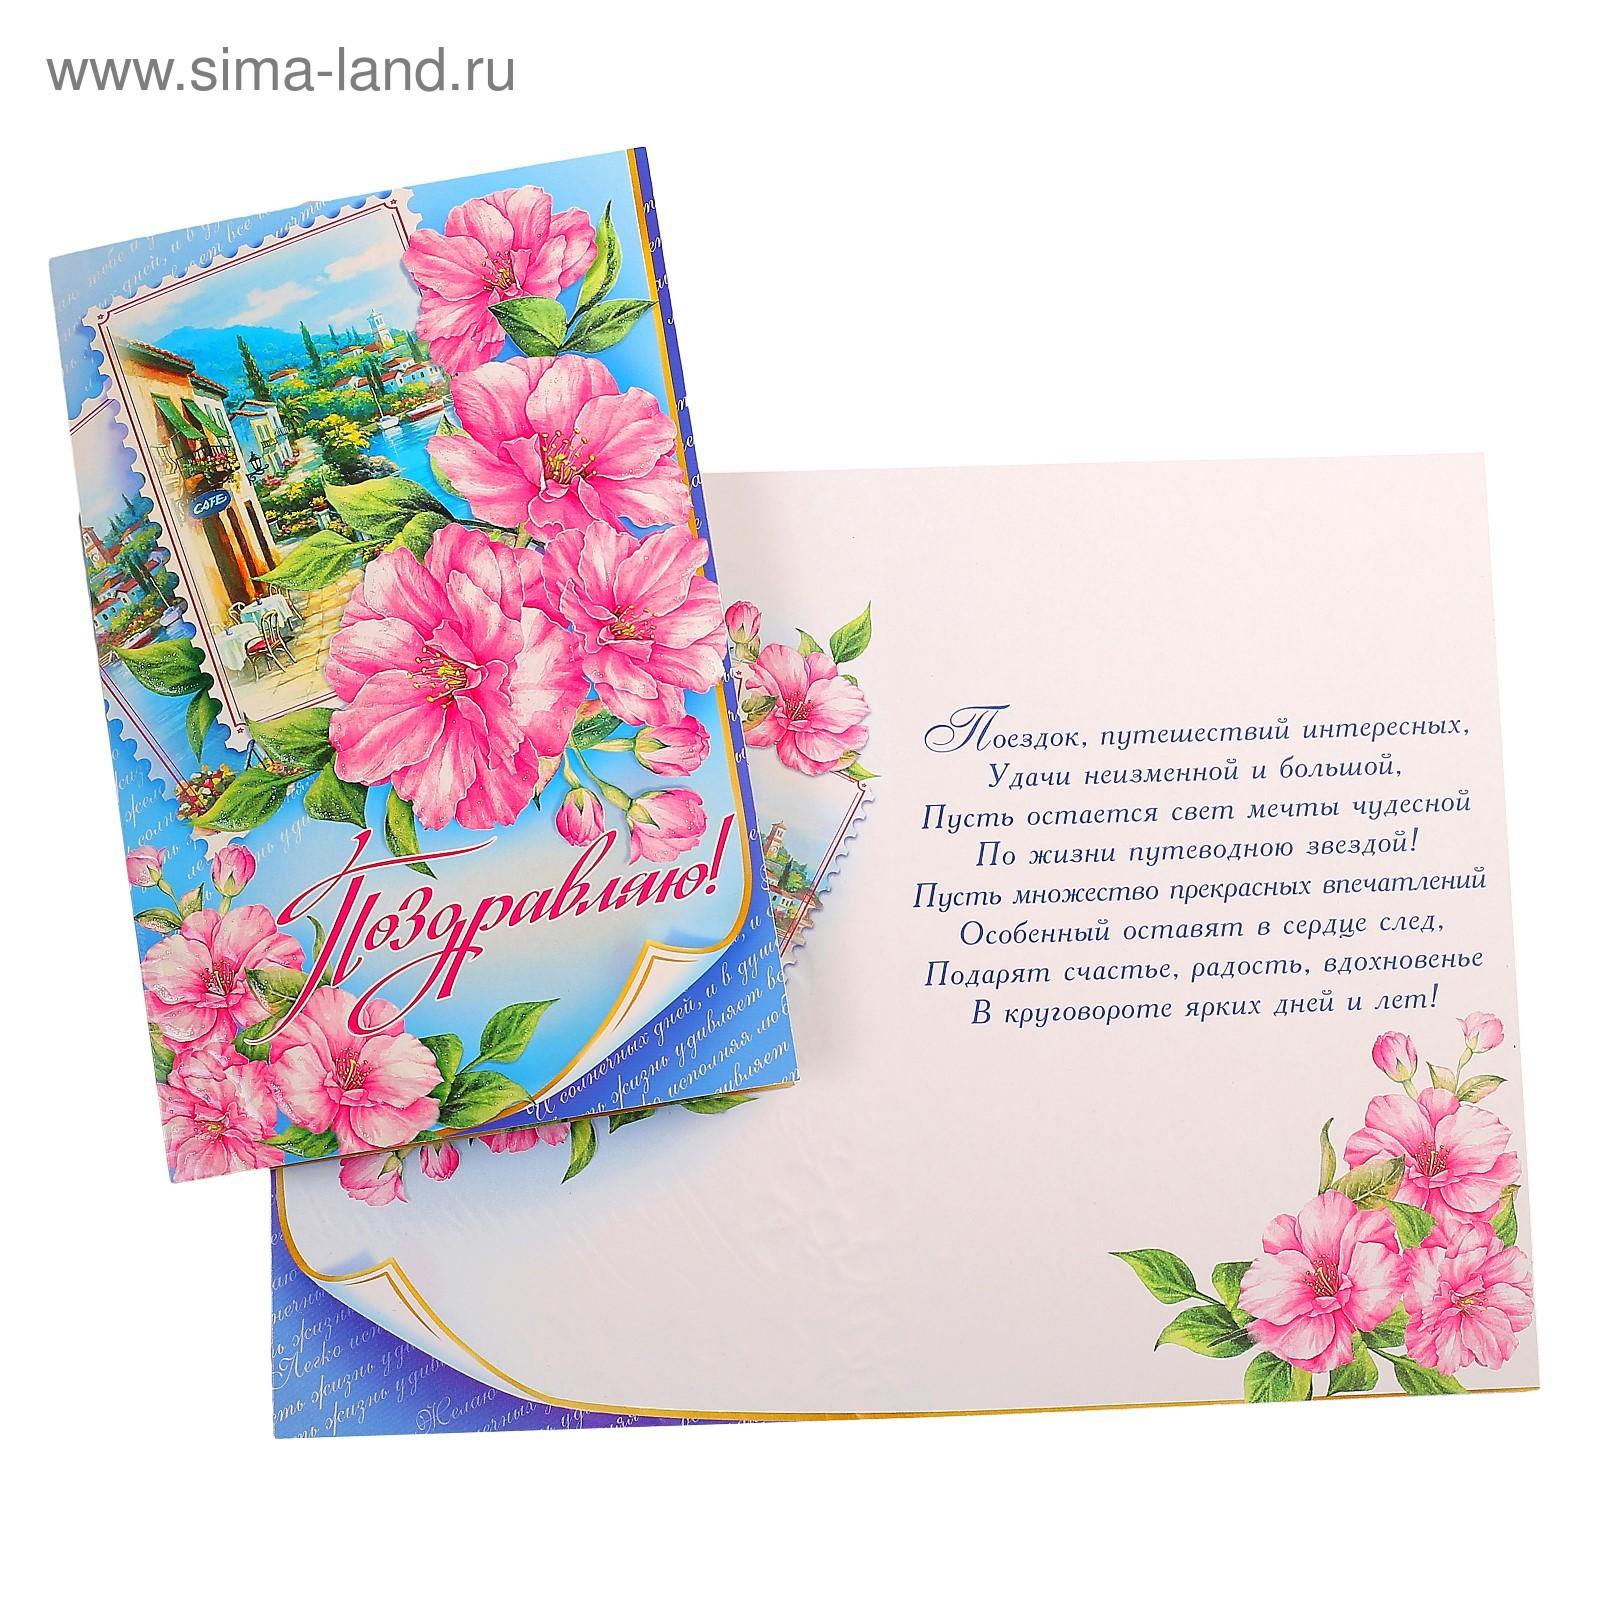 открытки компании мир открыток супругой имеет